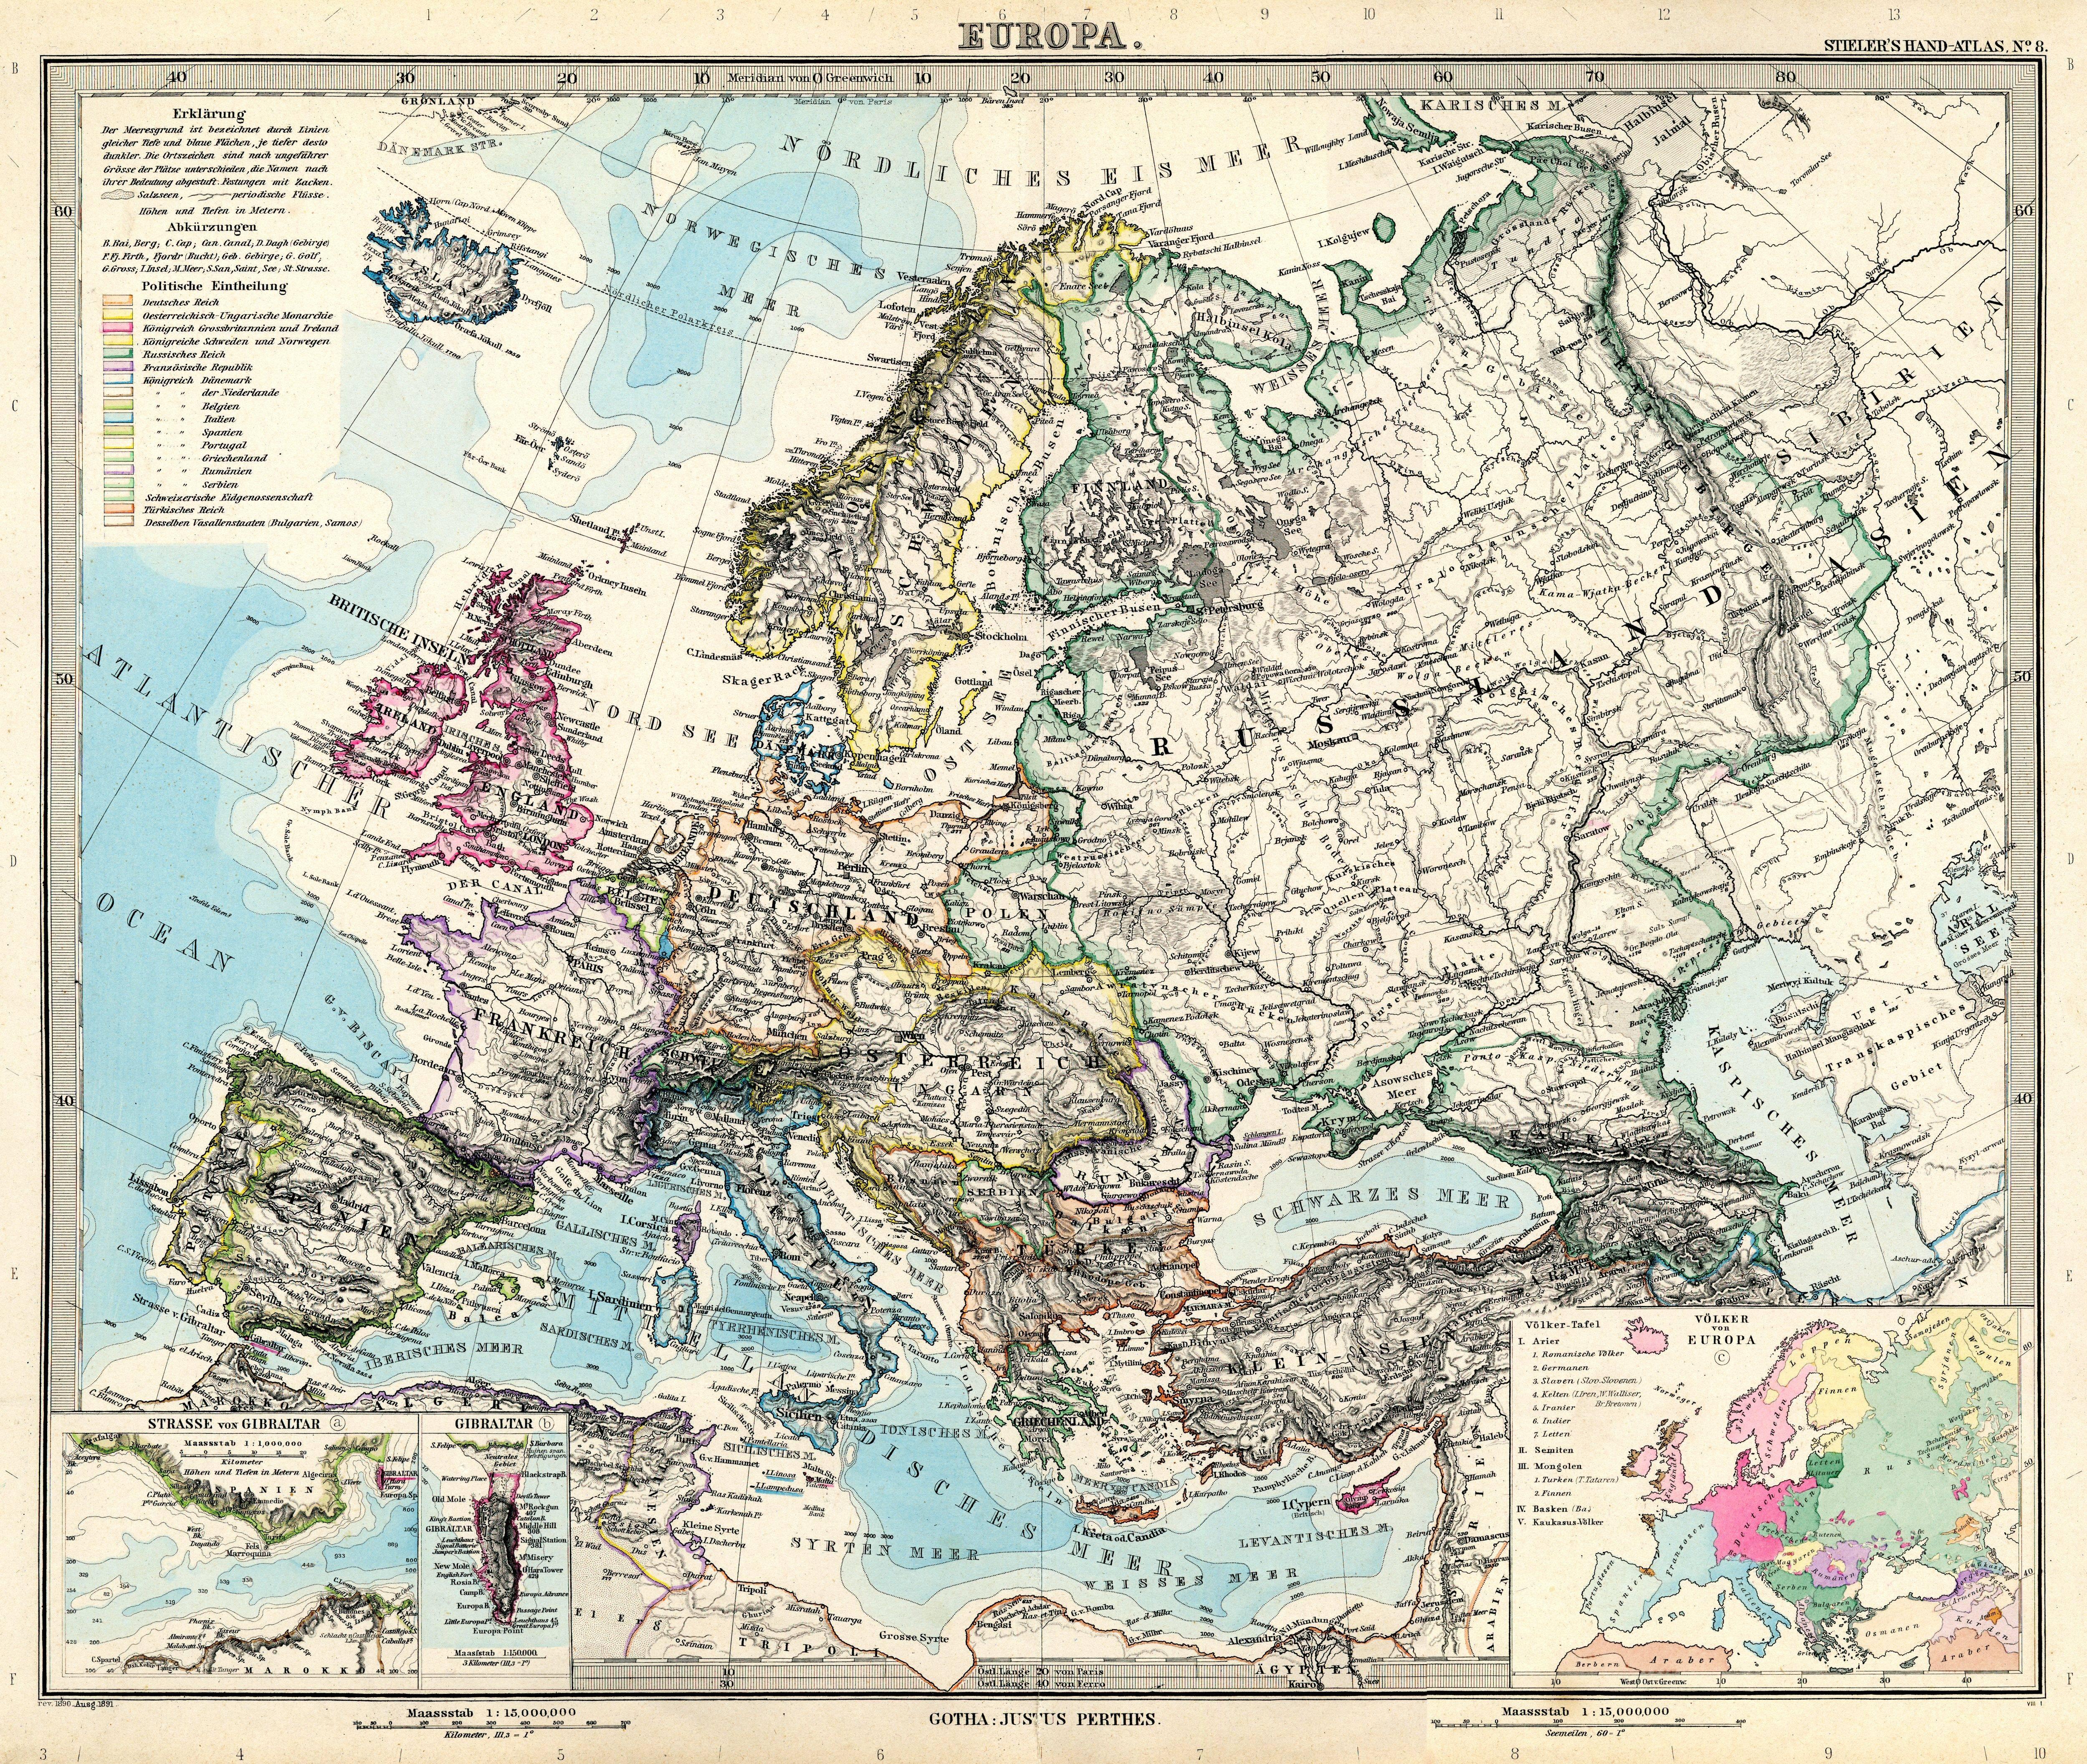 europe cities with Stielers Handatlas Europa 1891 on Lubraniec also Brzeziny further Wysokie mazowieckie further Azerbaijan 1400 likewise Ruska Federace Images.